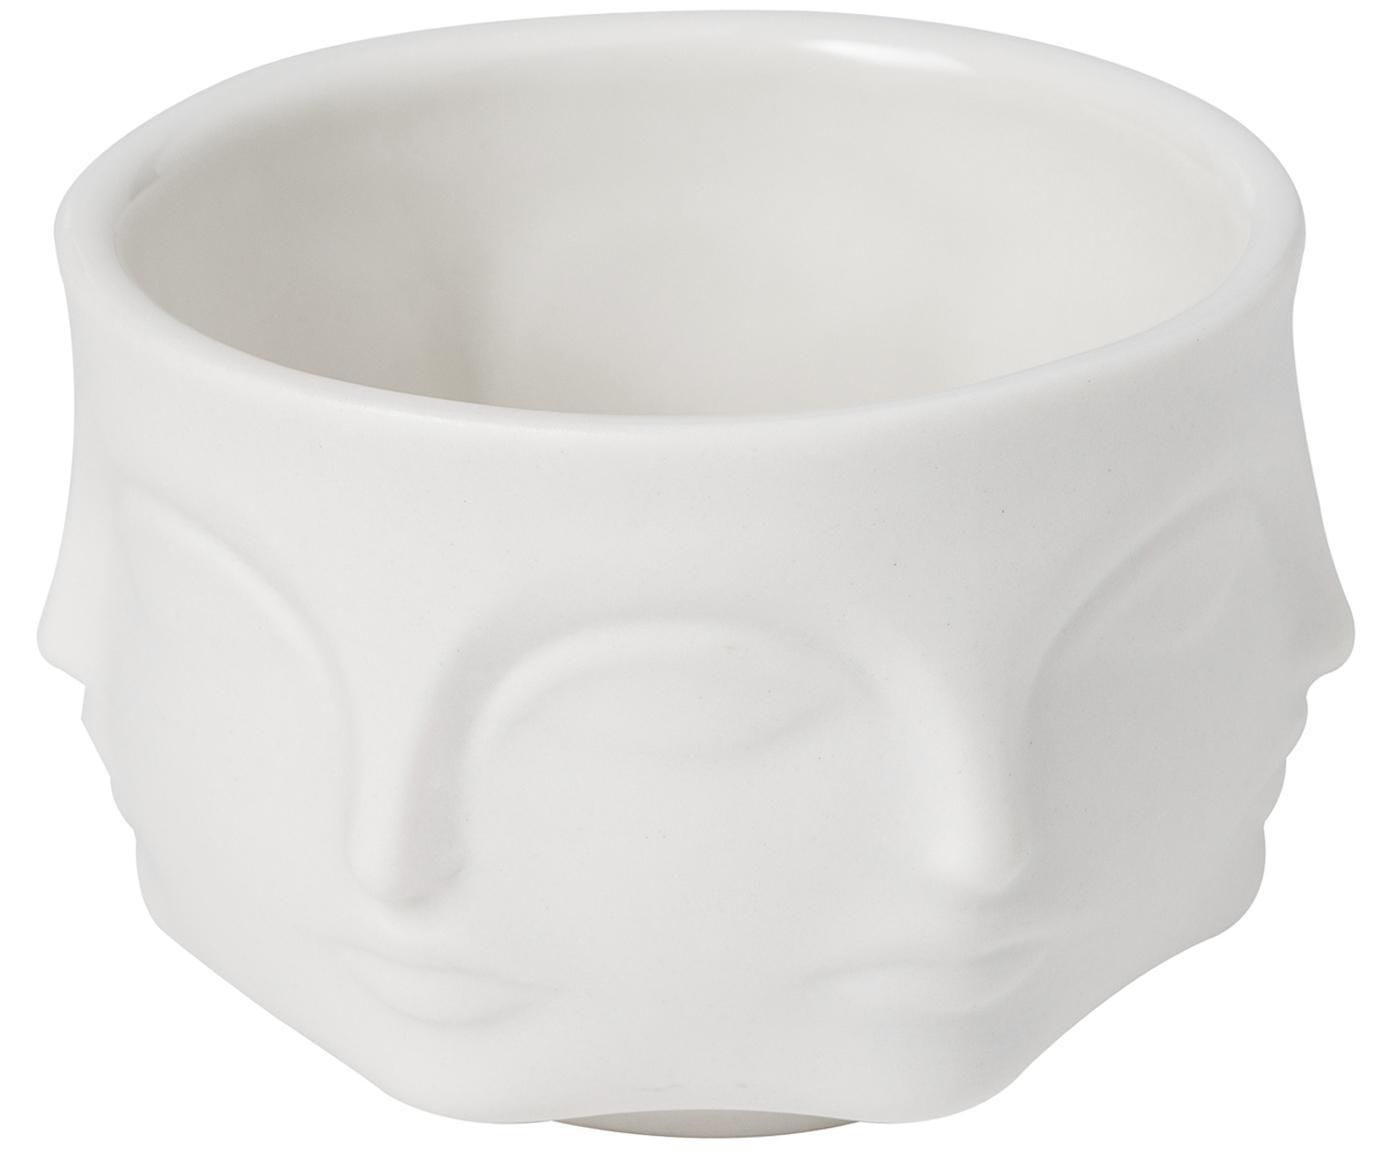 Ciotola di design Muse, Porcellana, Bianco, Ø 8 cm